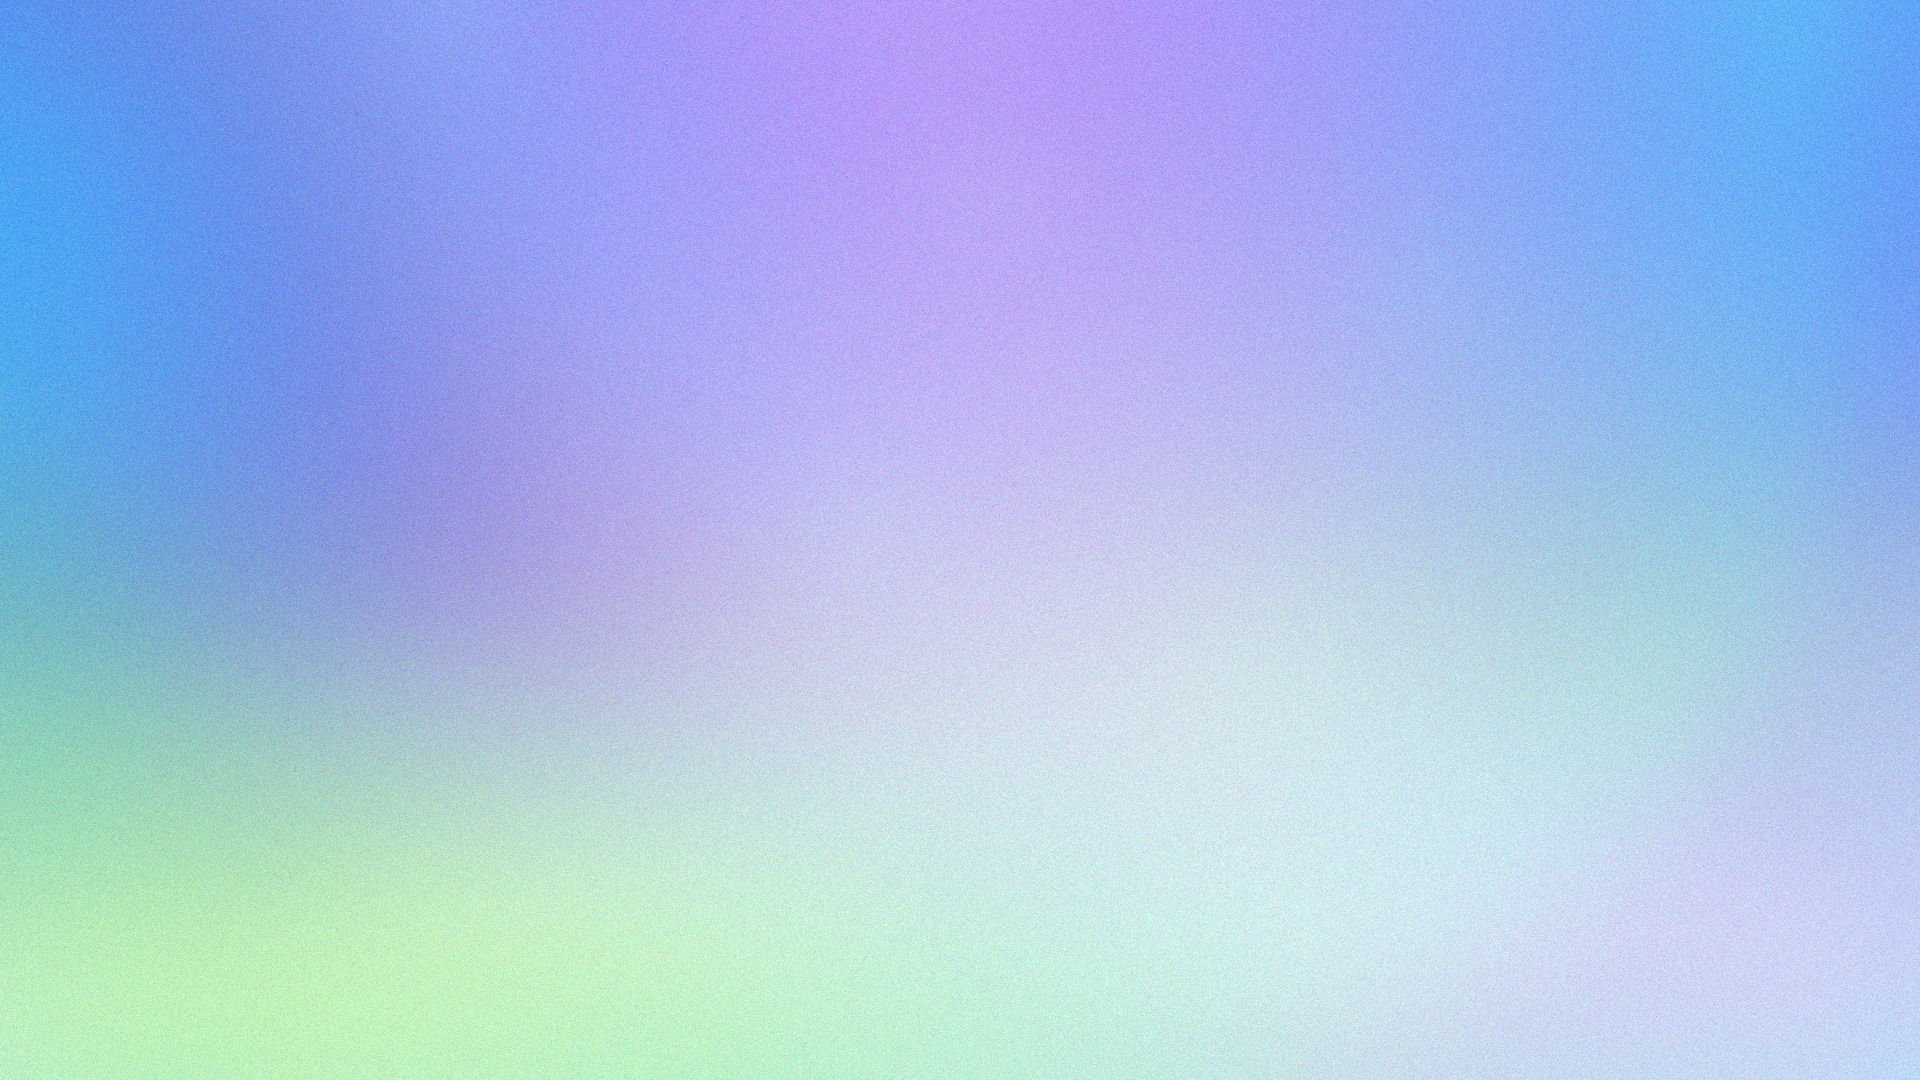 перламутровый цвет фото: